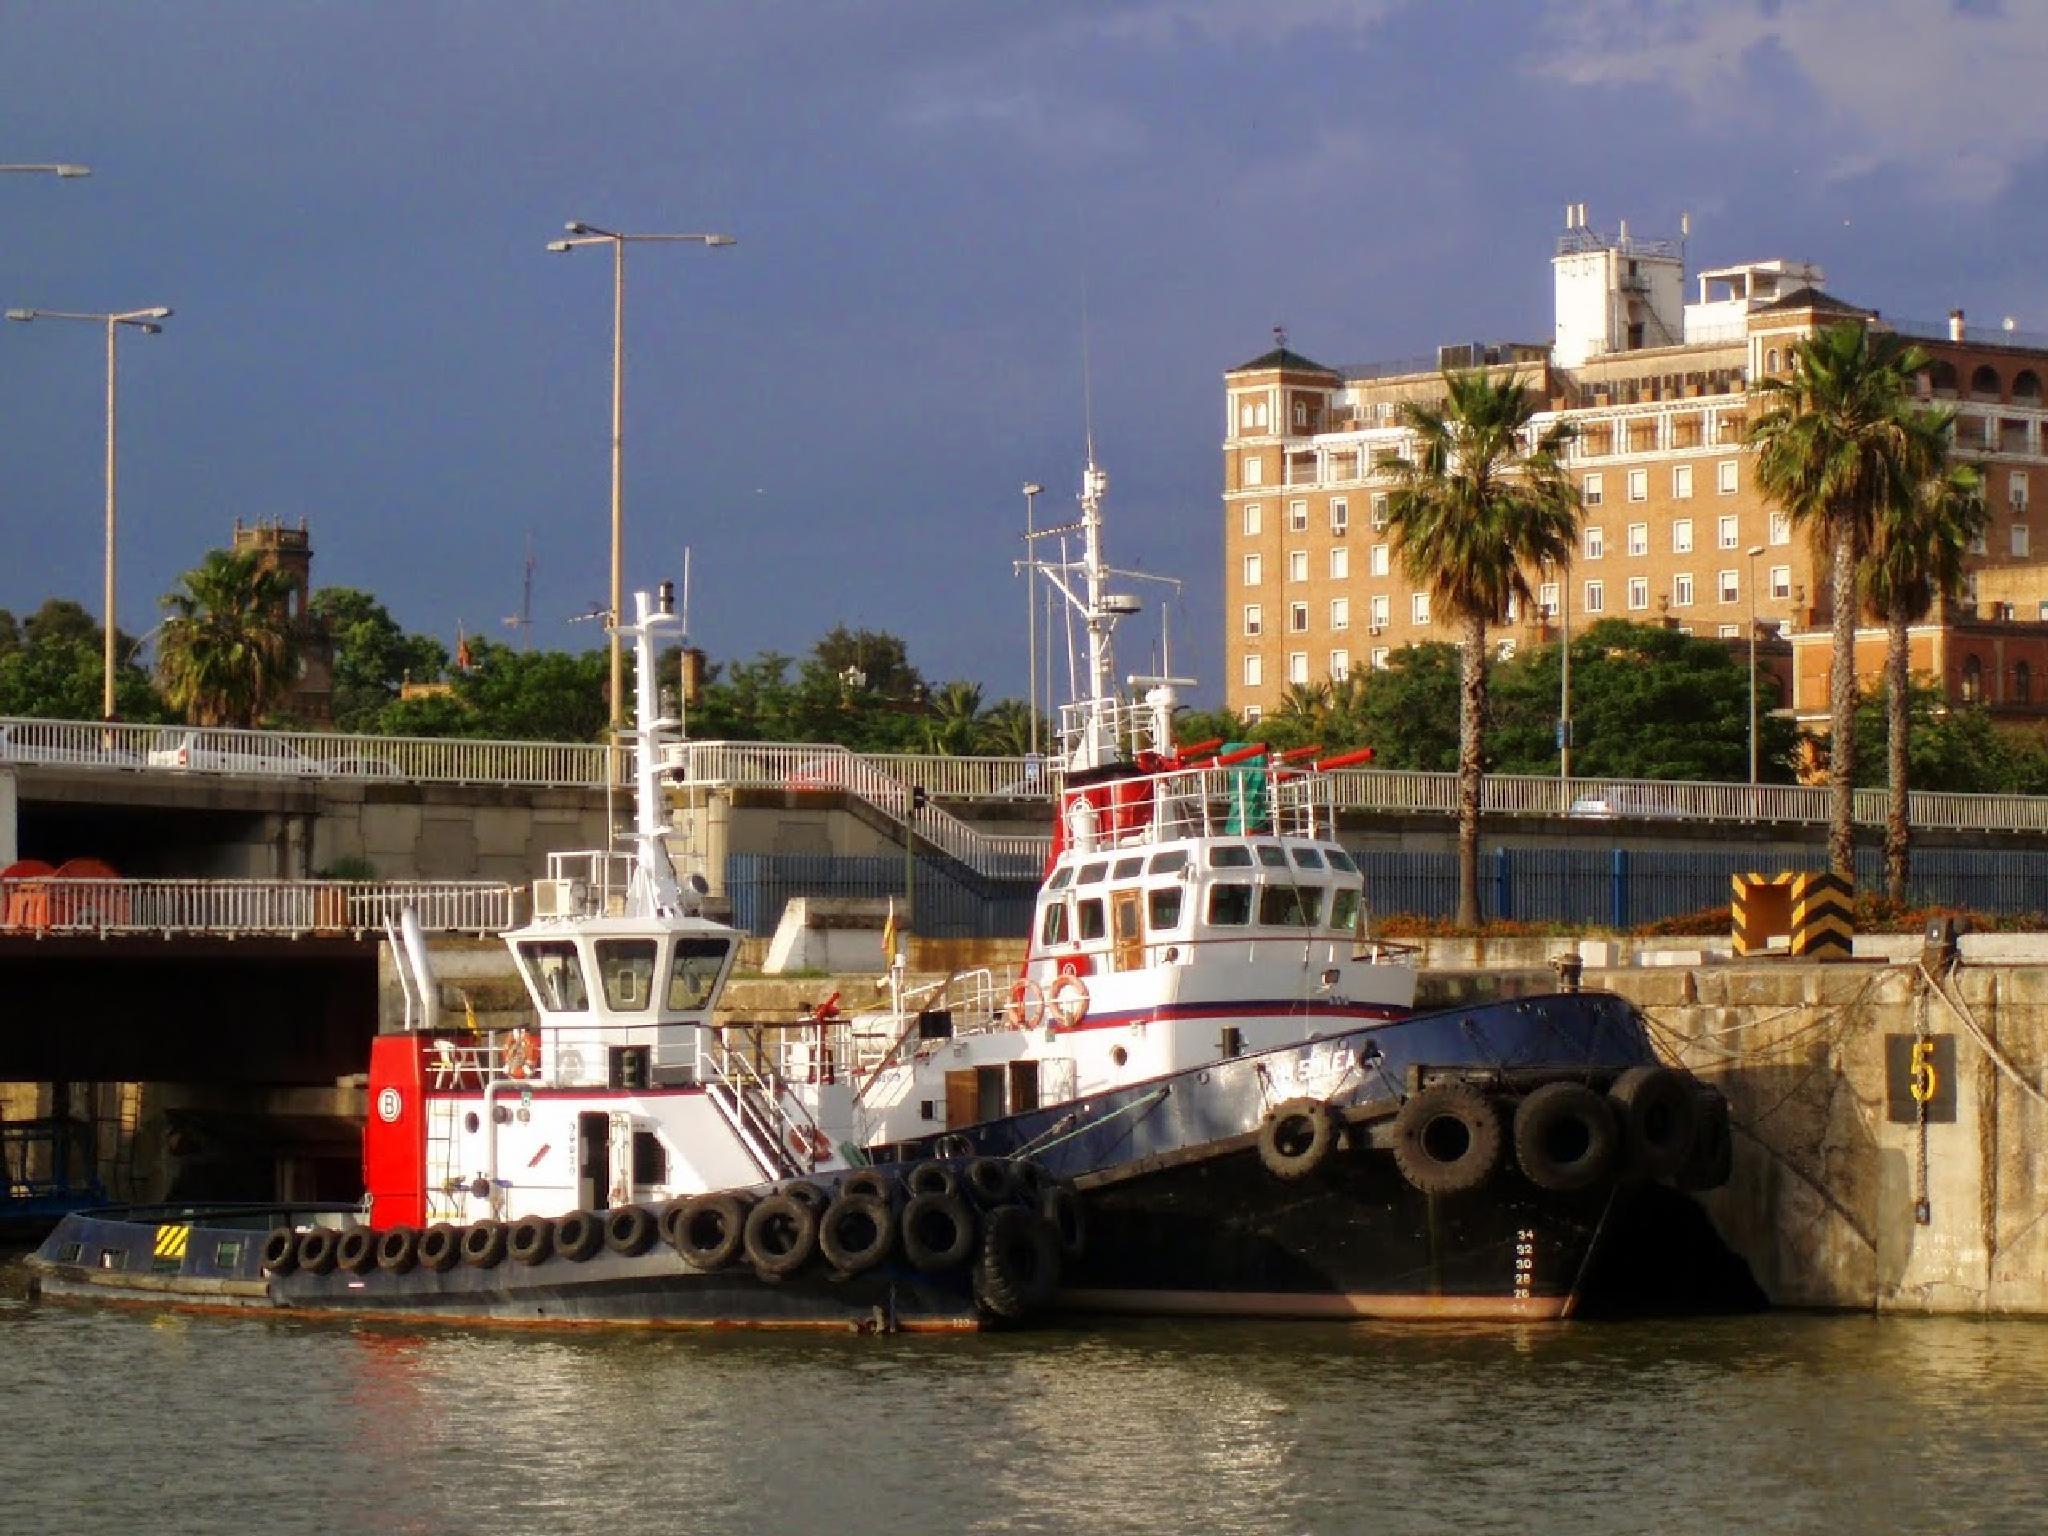 Barge at Sevilla Spain  by aida.carpena